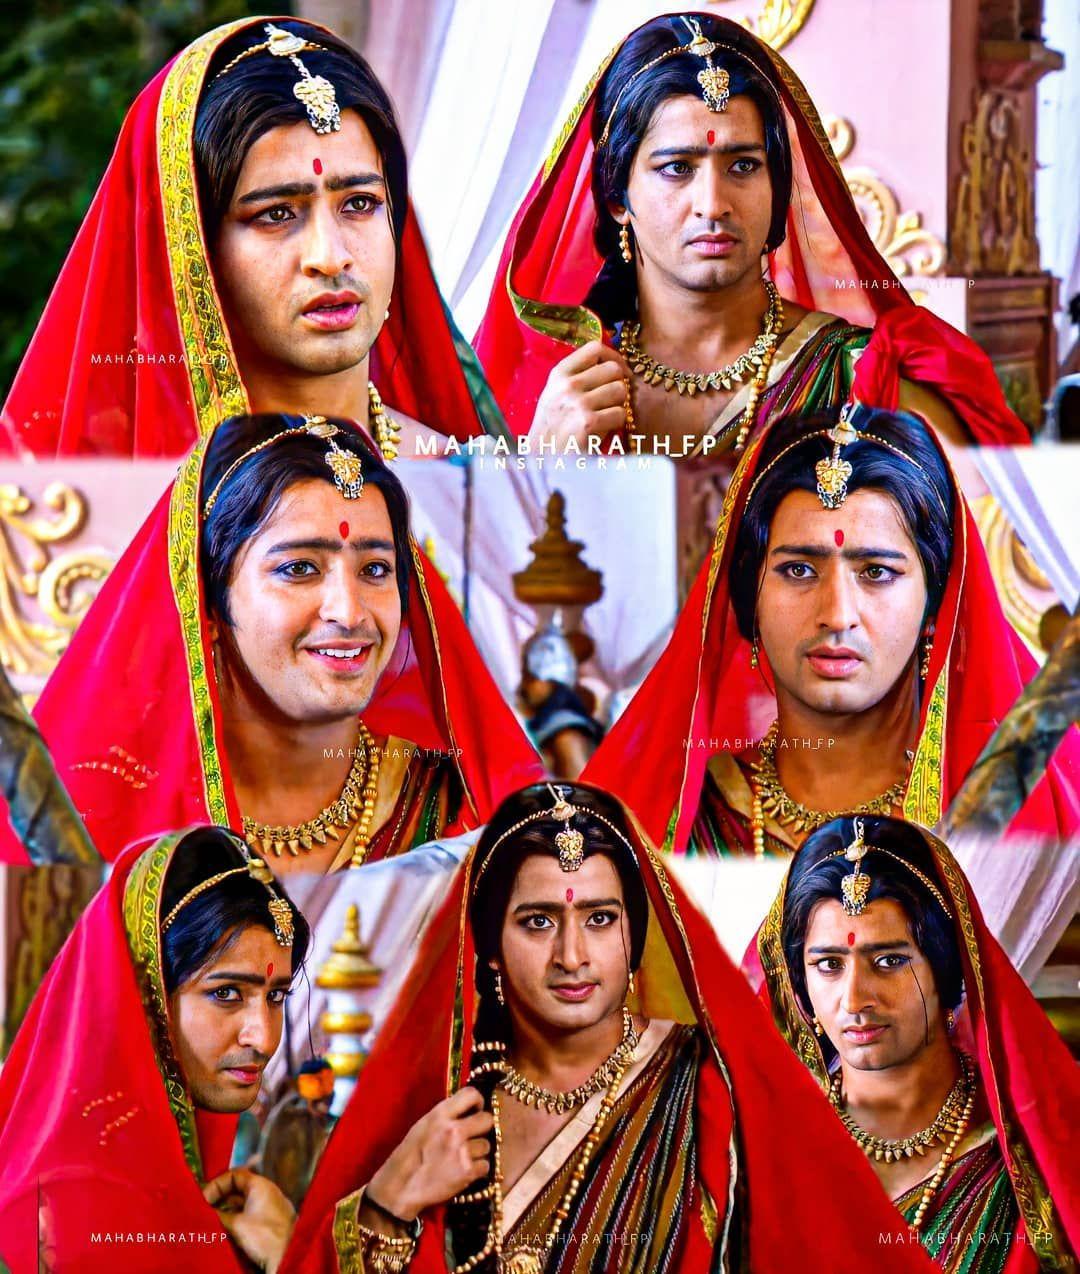 Mahabharat On Instagram Brihannala Mahabharat Mahabharata Mahabharatham Mahabharath Fp Mahabharatstarplus Mahab Wonder Woman Pooja Sharma Women